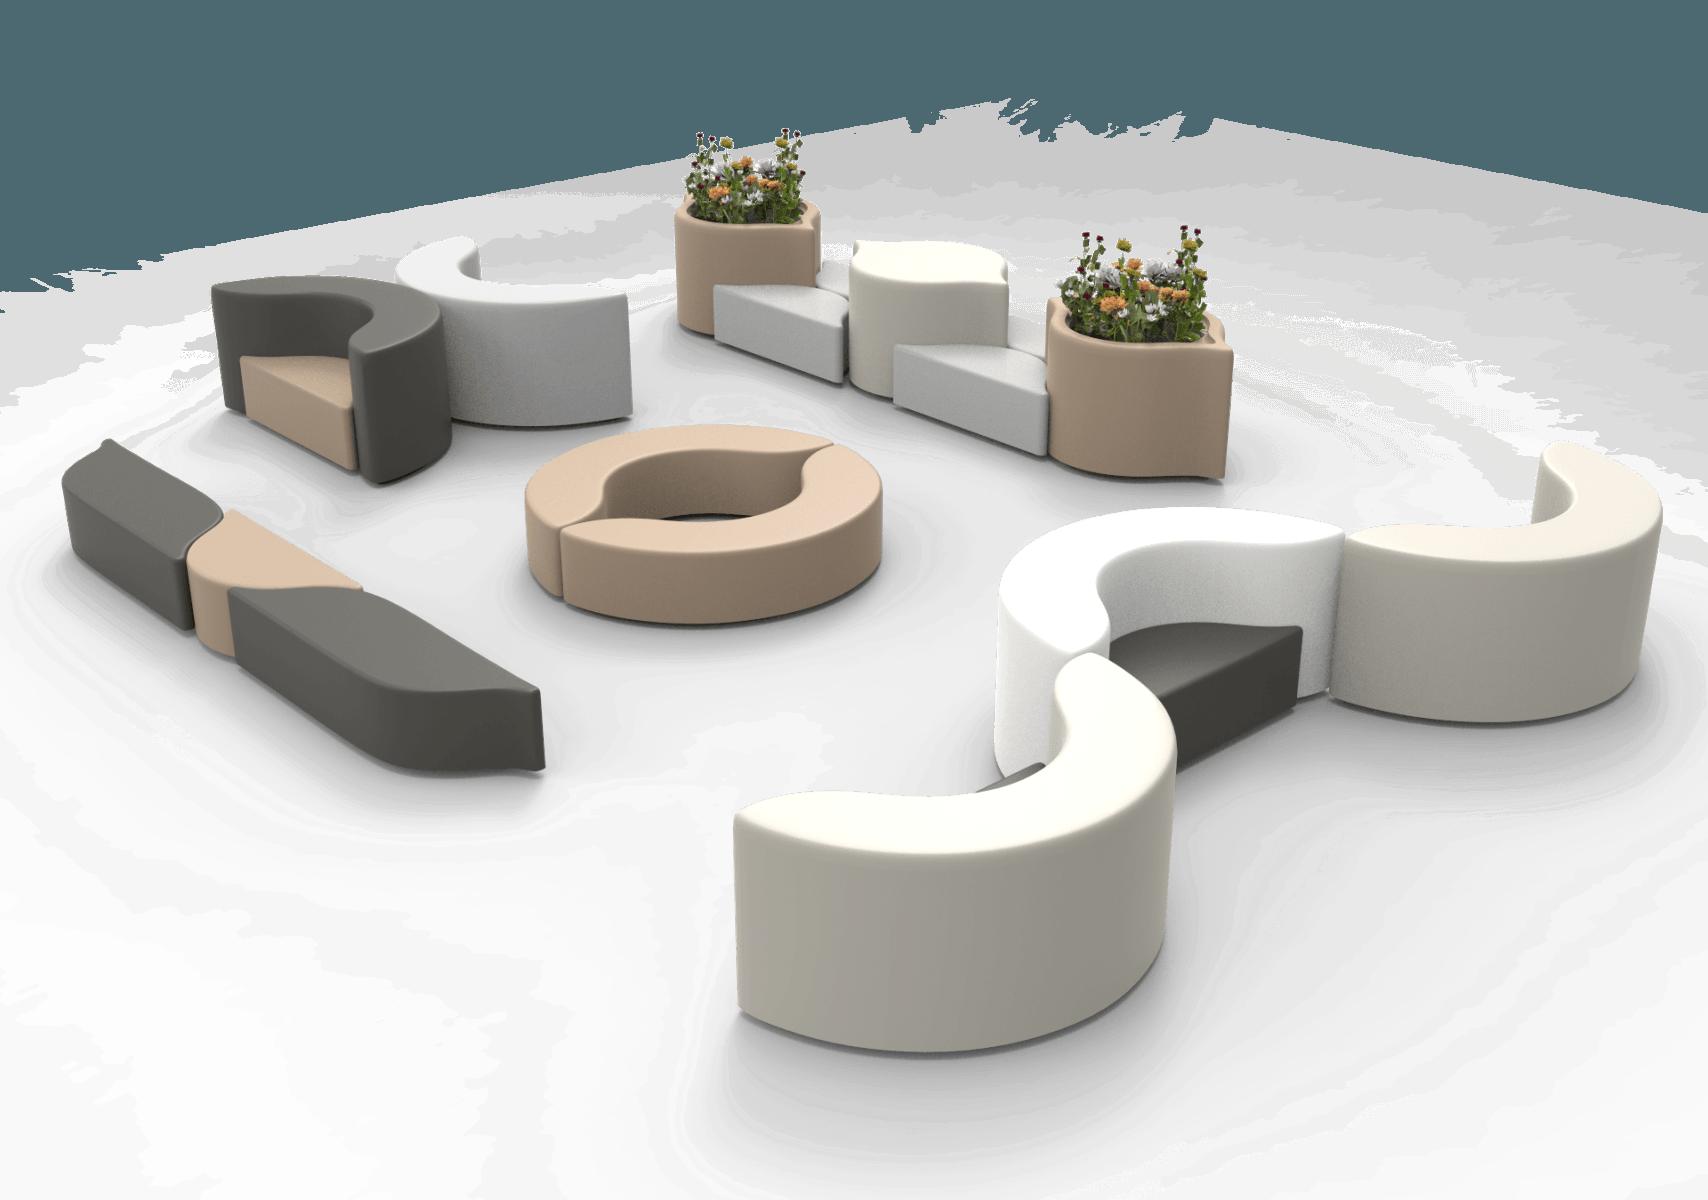 Arco bank voor een moderne zakelijke ruimte